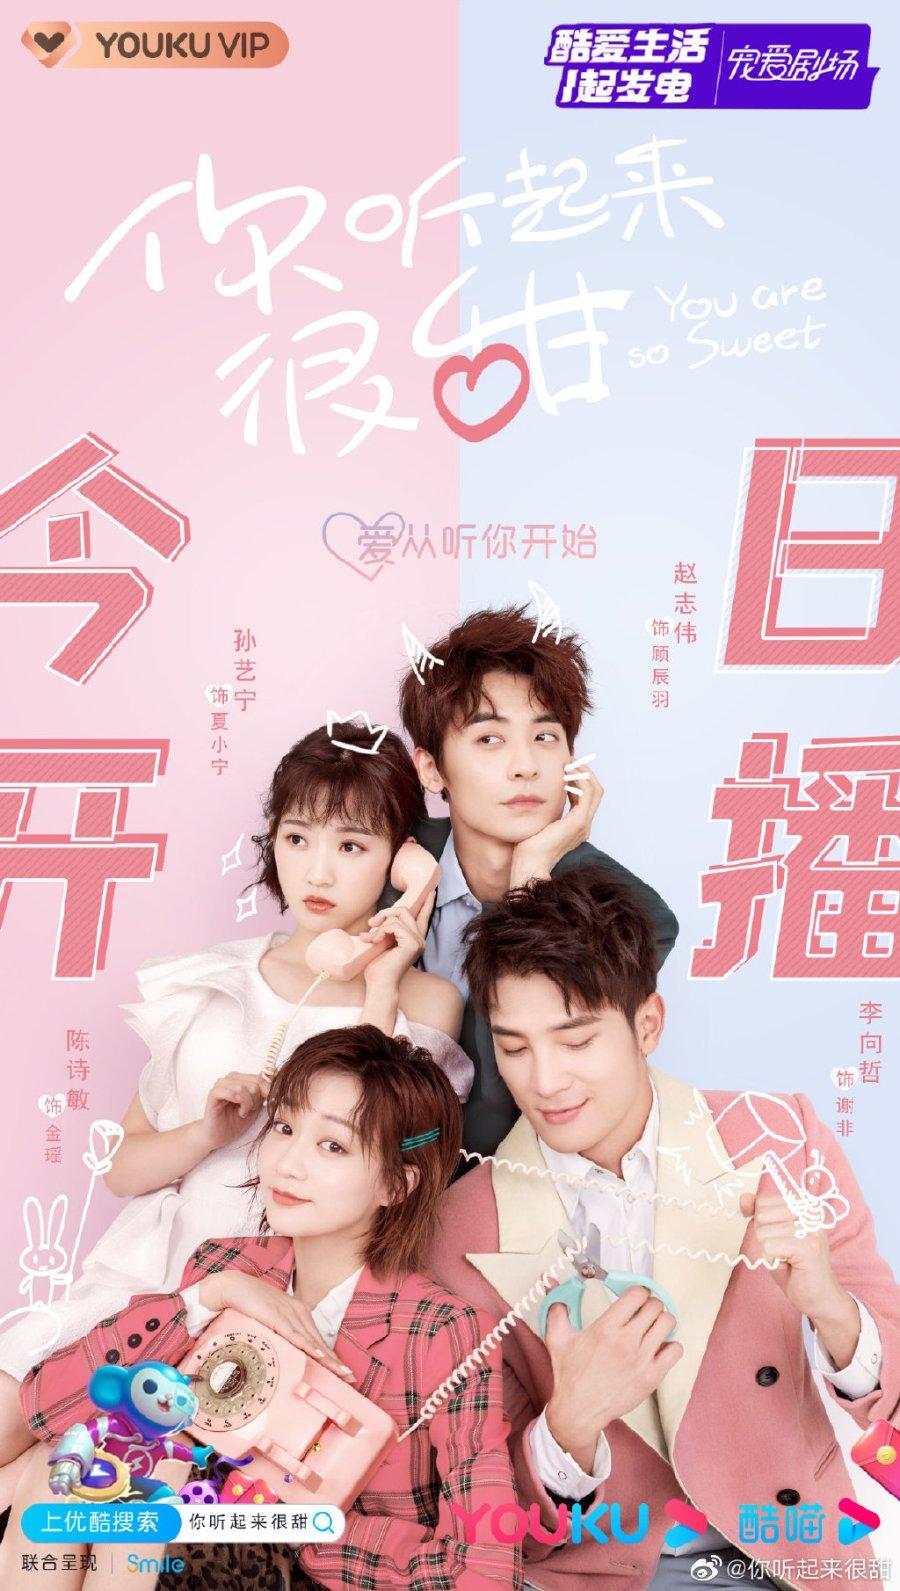 """2020 You Are So Sweet الدراما الصينية """"أنت لطيفة جدا"""". تقرير عن الدراما + الأبطال + جميع الحلقات مترجمة أونلاين . مسلسل أنت لطيف جدا الصيني مترجمة"""